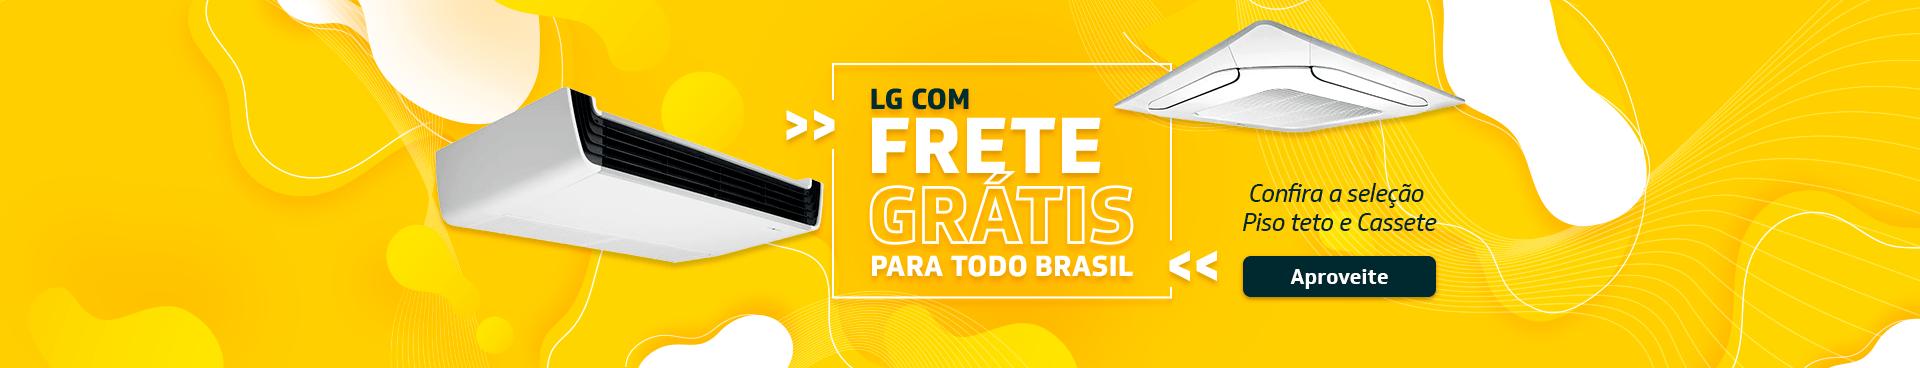 LG com Frete Grátis | Leveros